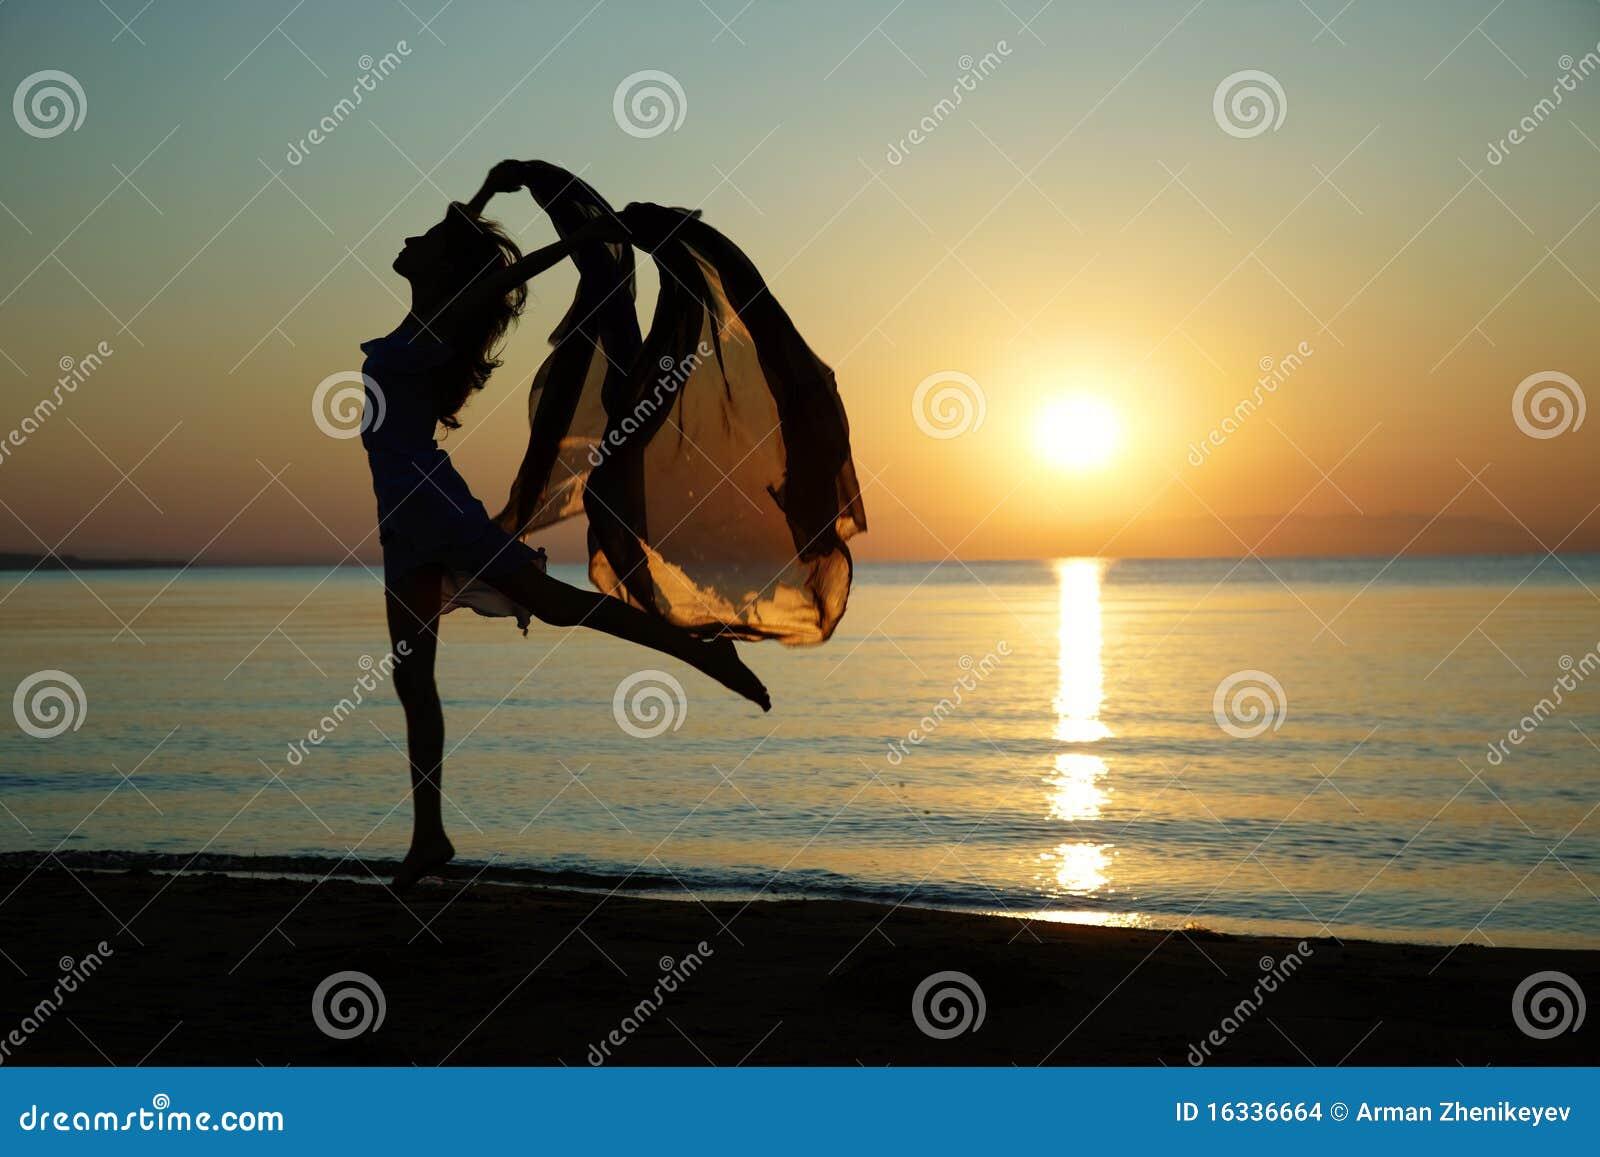 Bien connu Ballo al mare fotografia stock. Immagine di ballerino - 16336664 ID26